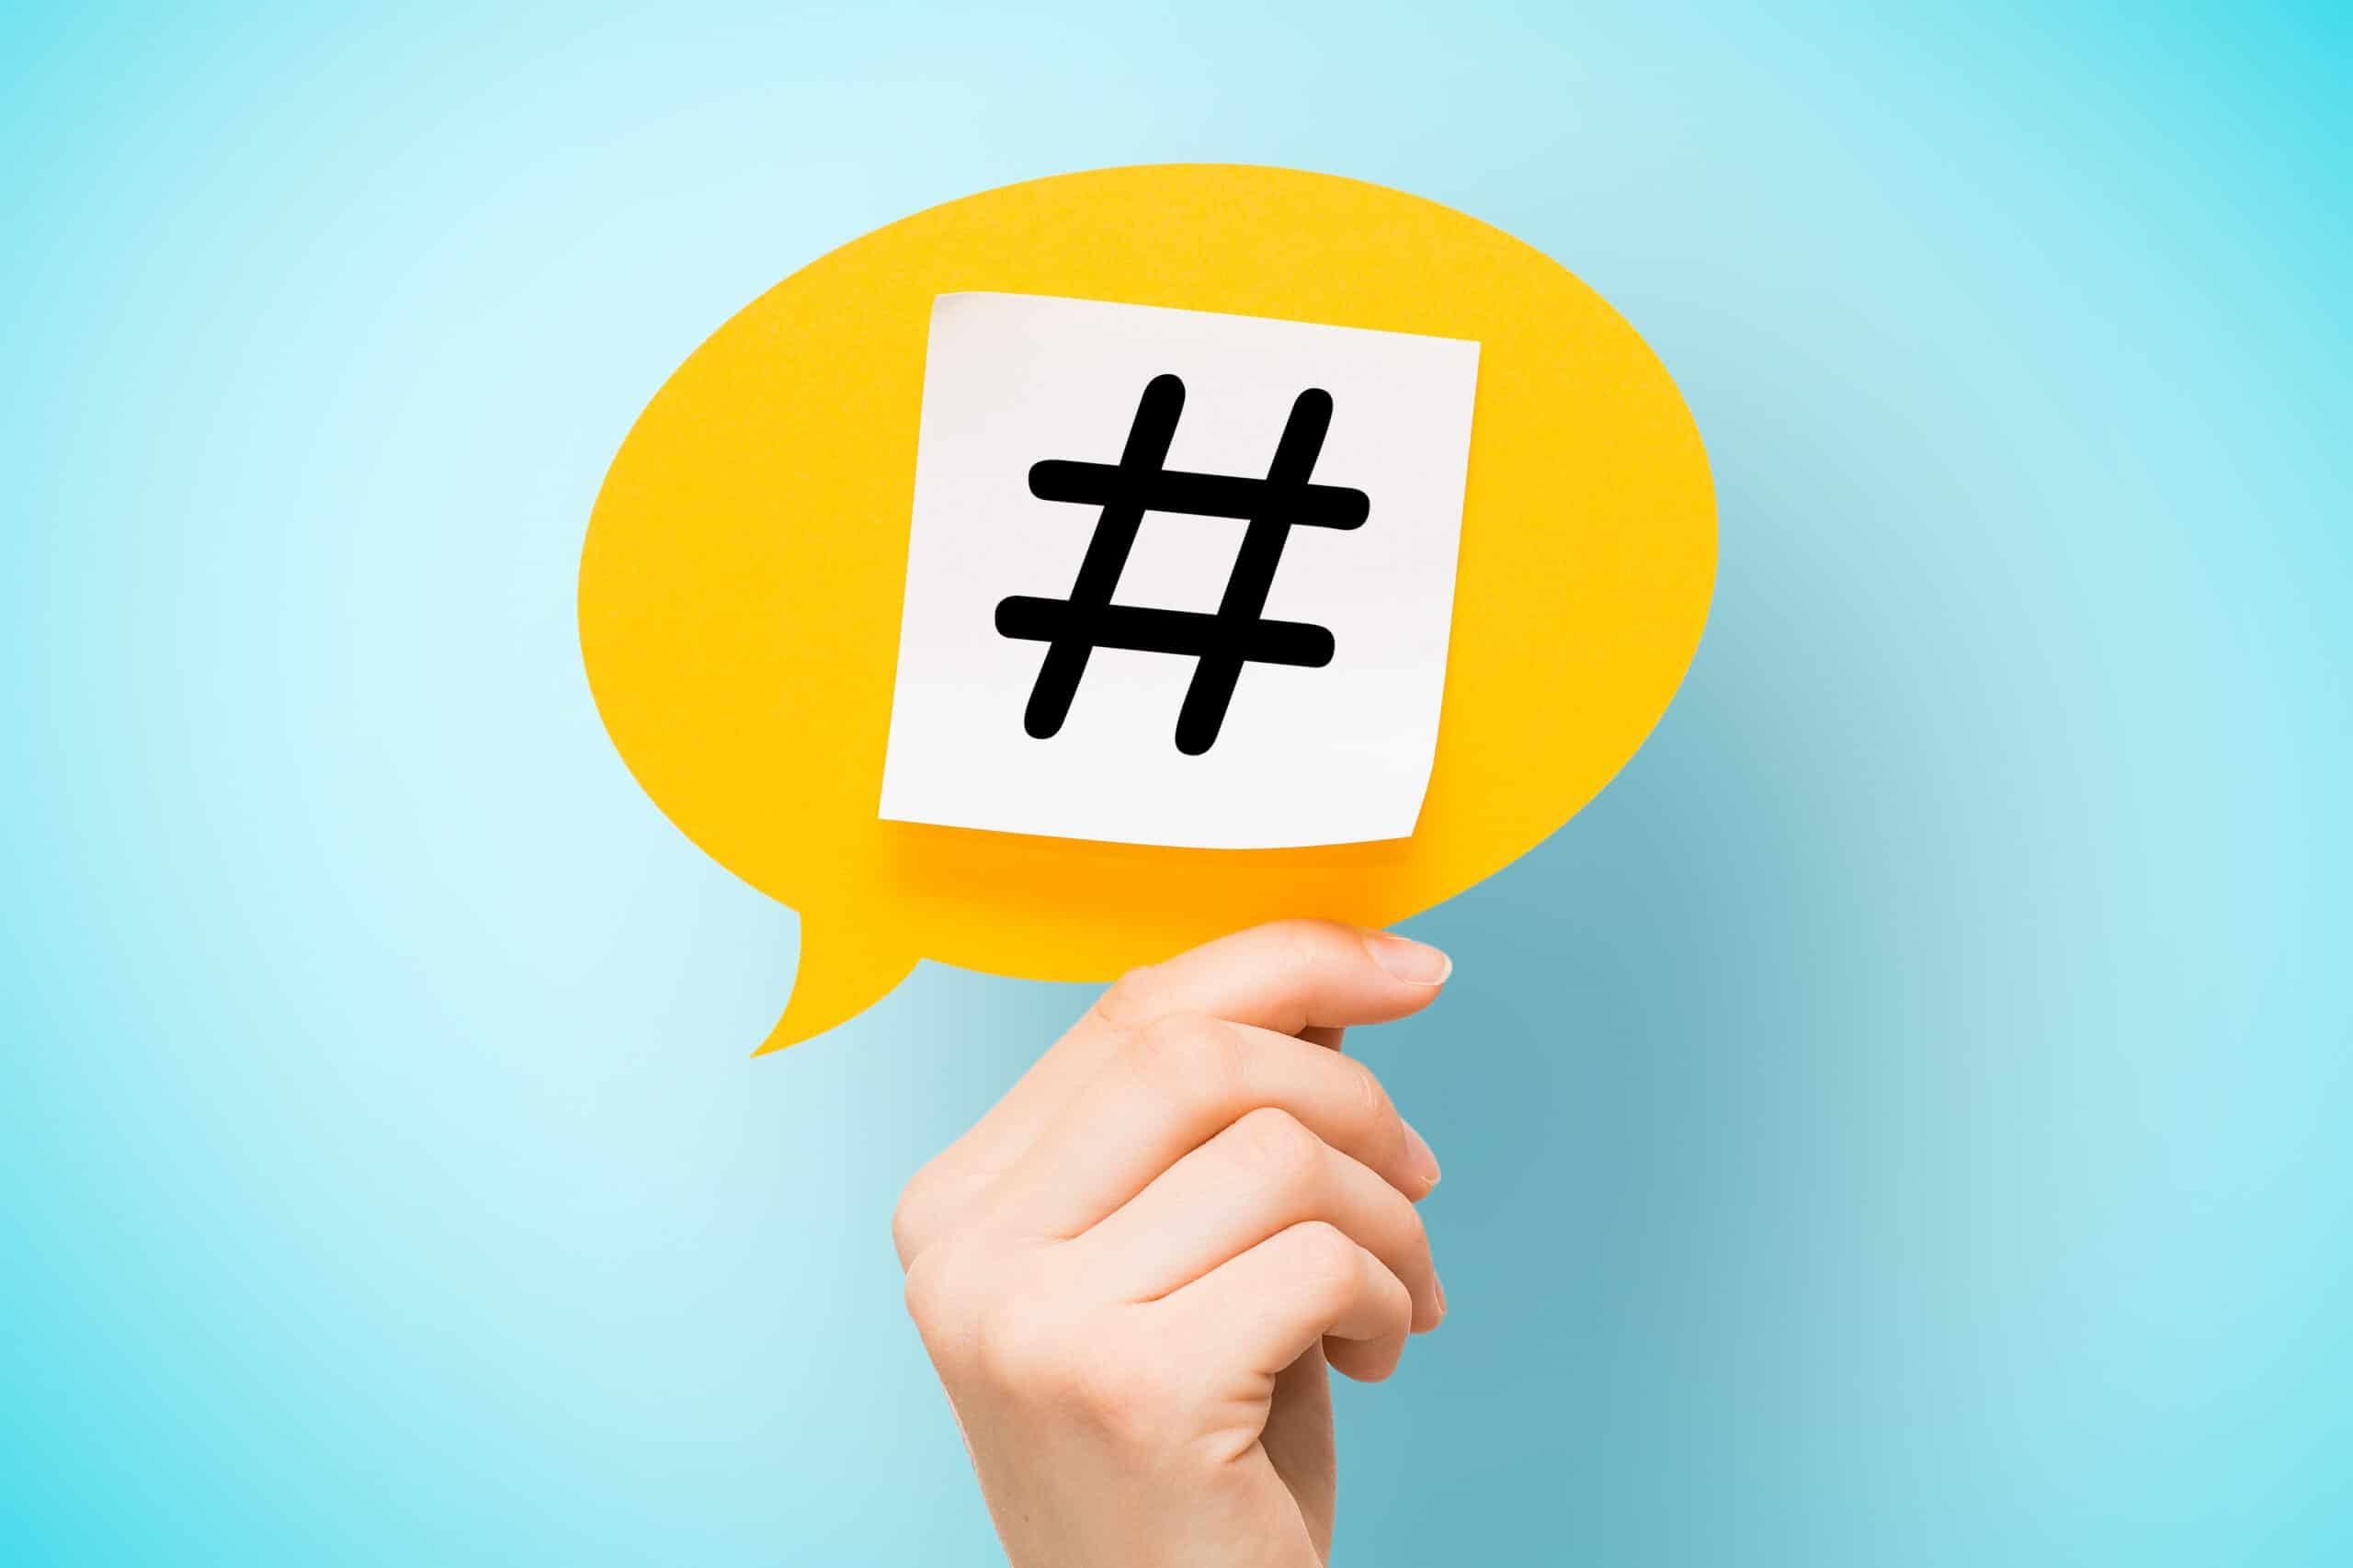 L'art du hashtag : comment passer maître dans son utilisation